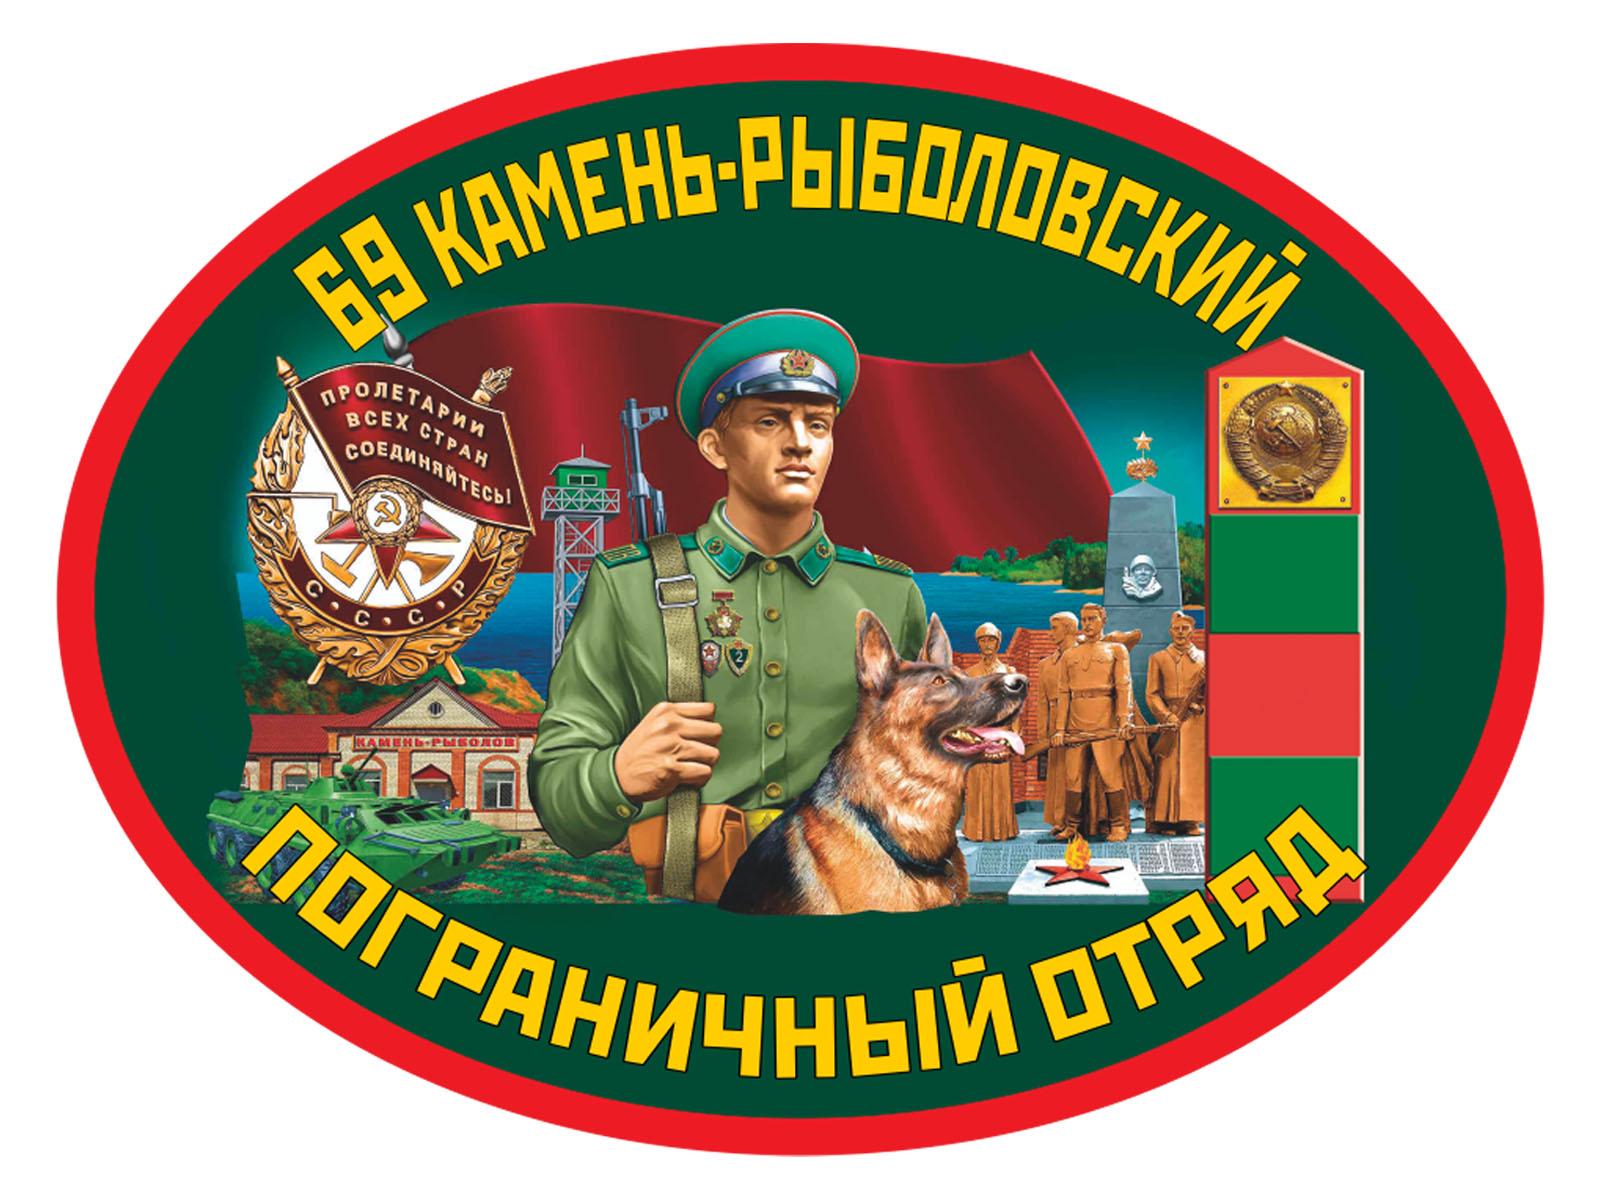 Наклейка 69 Камень-рыболовский пограничный отряд